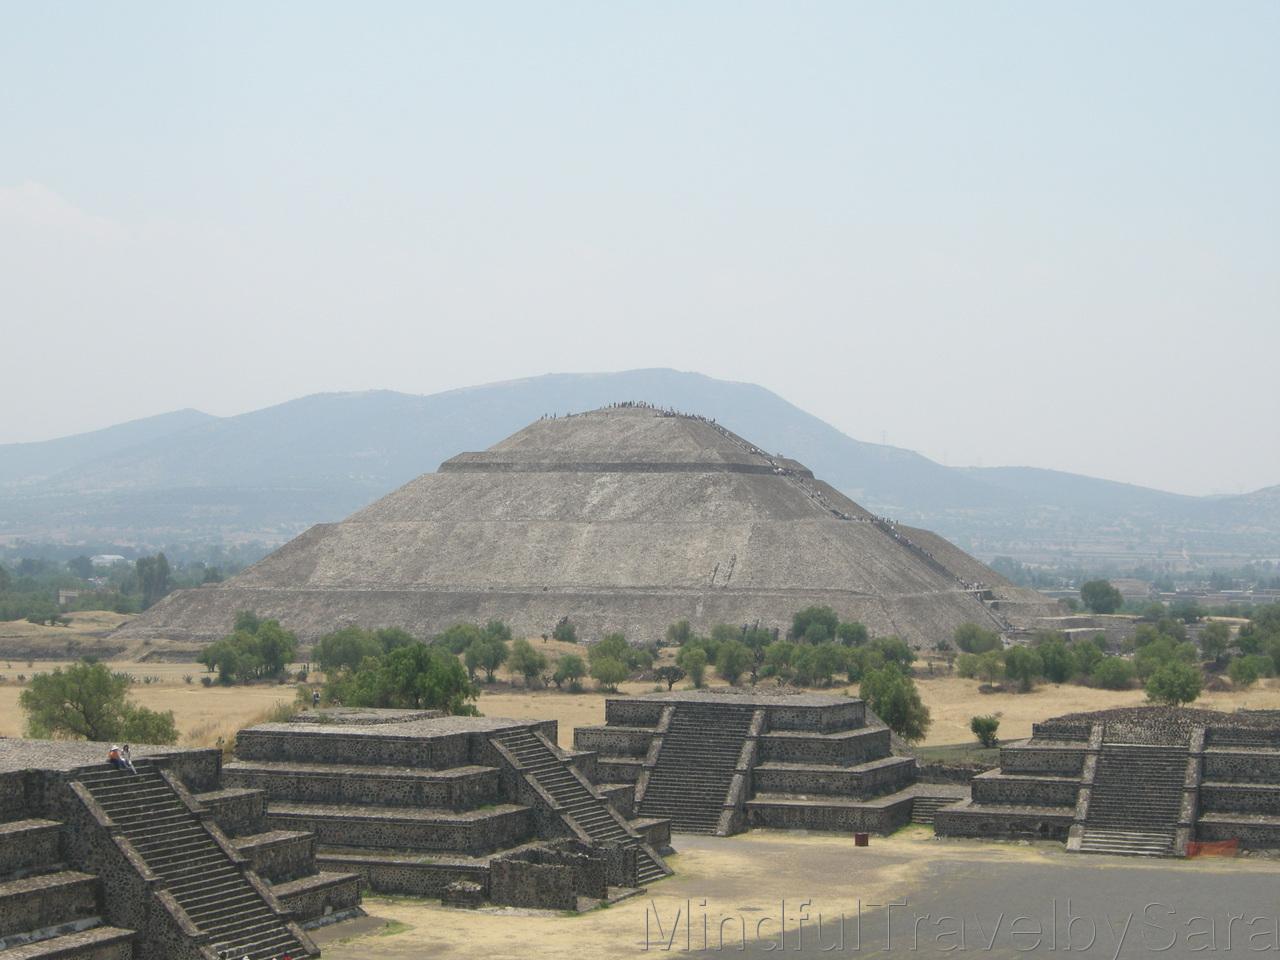 Recorrido cultural y mitológico por las pirámides de Teotihuacán